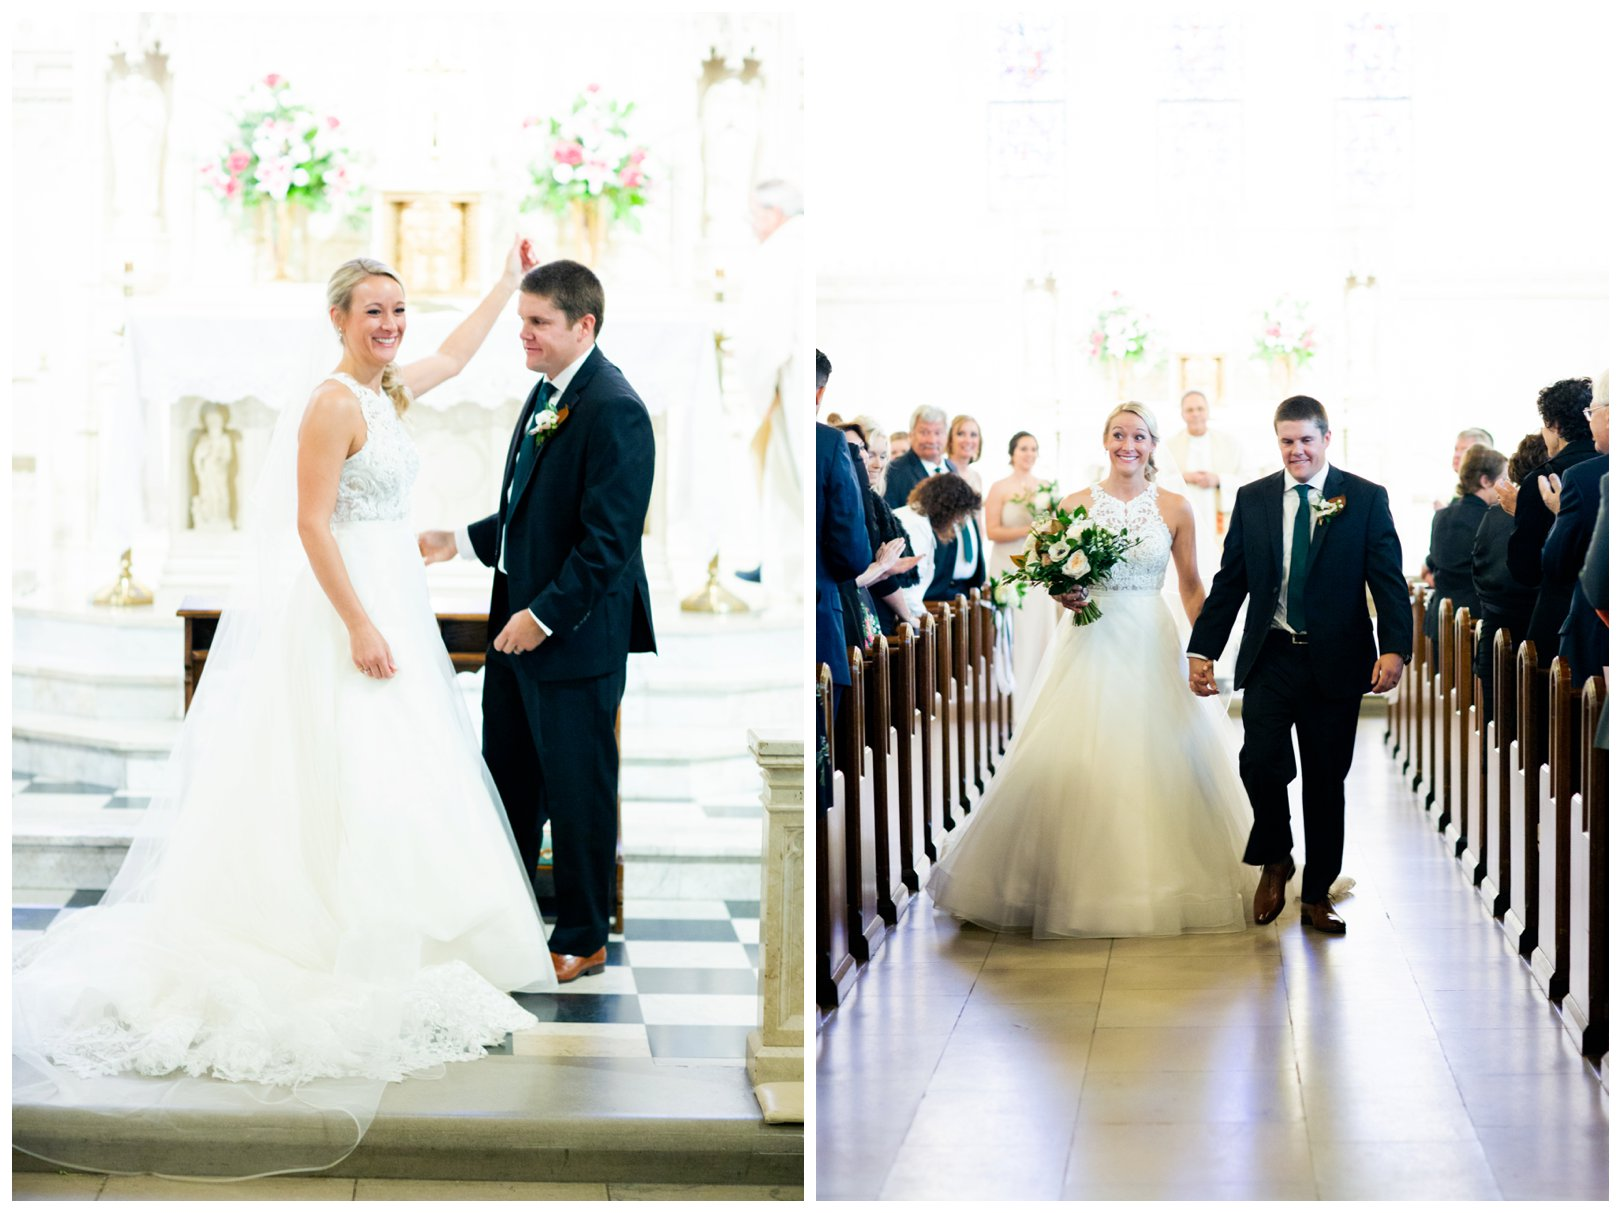 lauren muckler photography_fine art film wedding photography_st louis_photography_2423.jpg